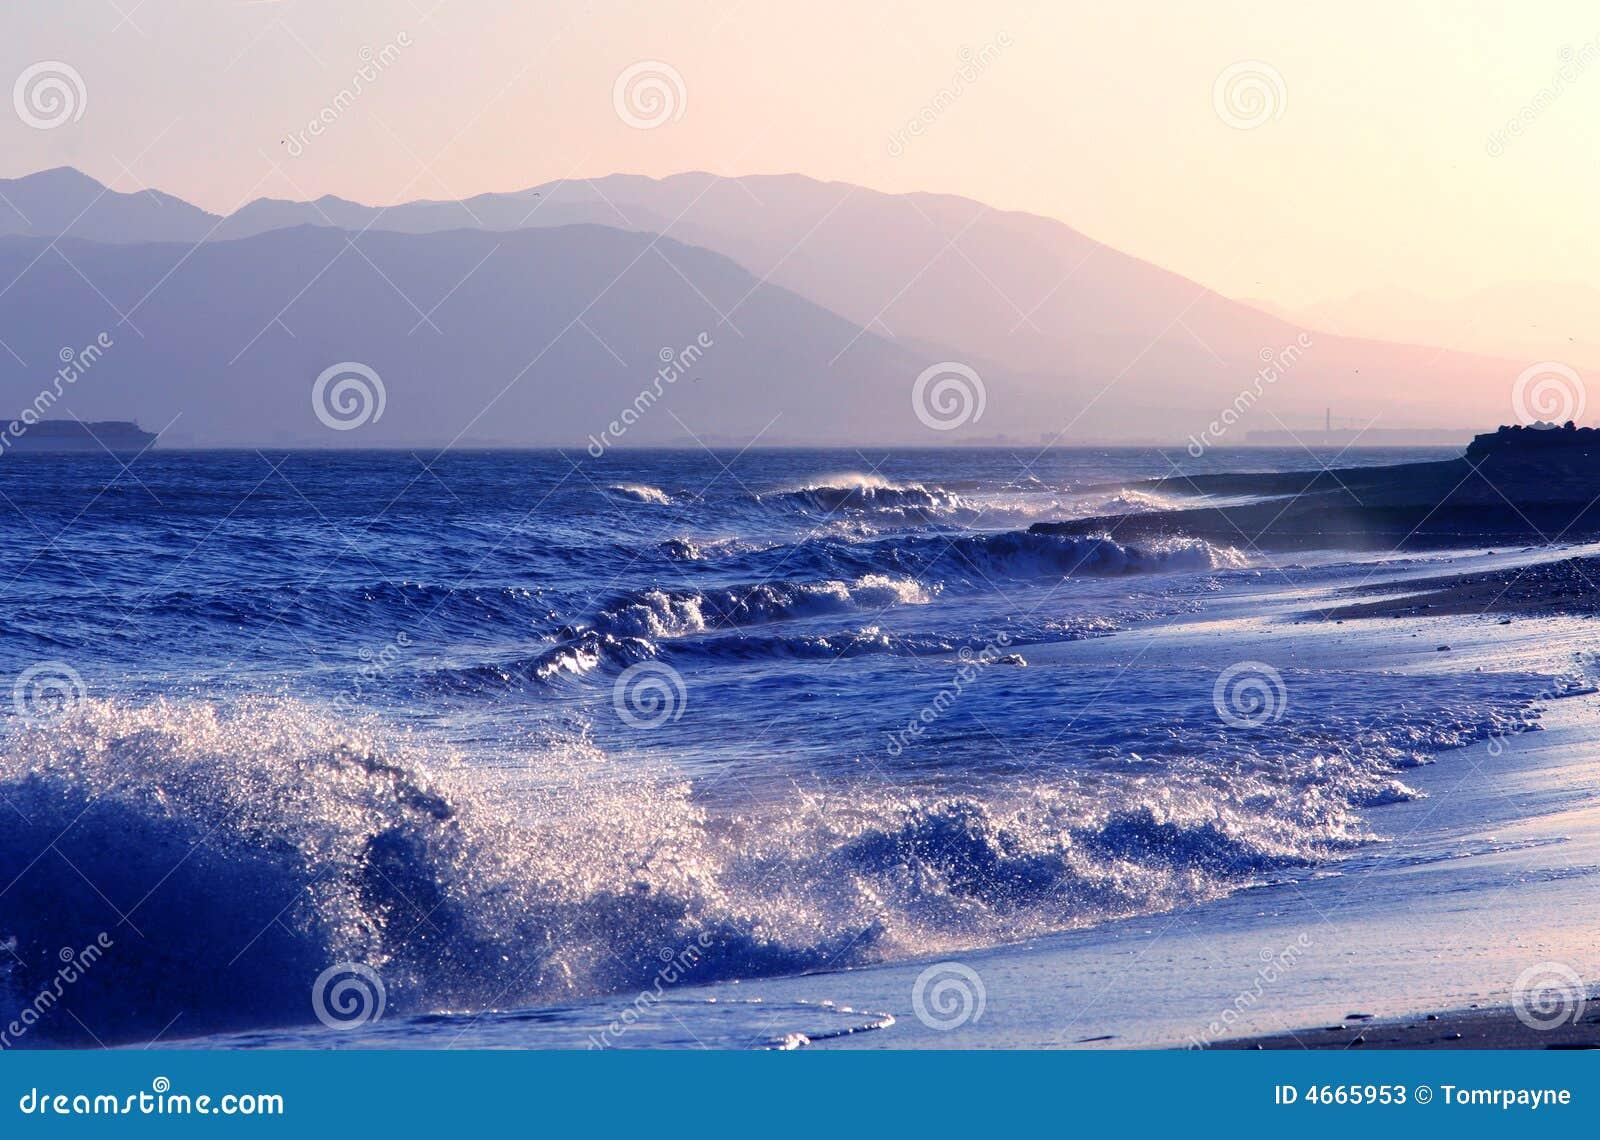 Crashing Waves on Andalusian Coast